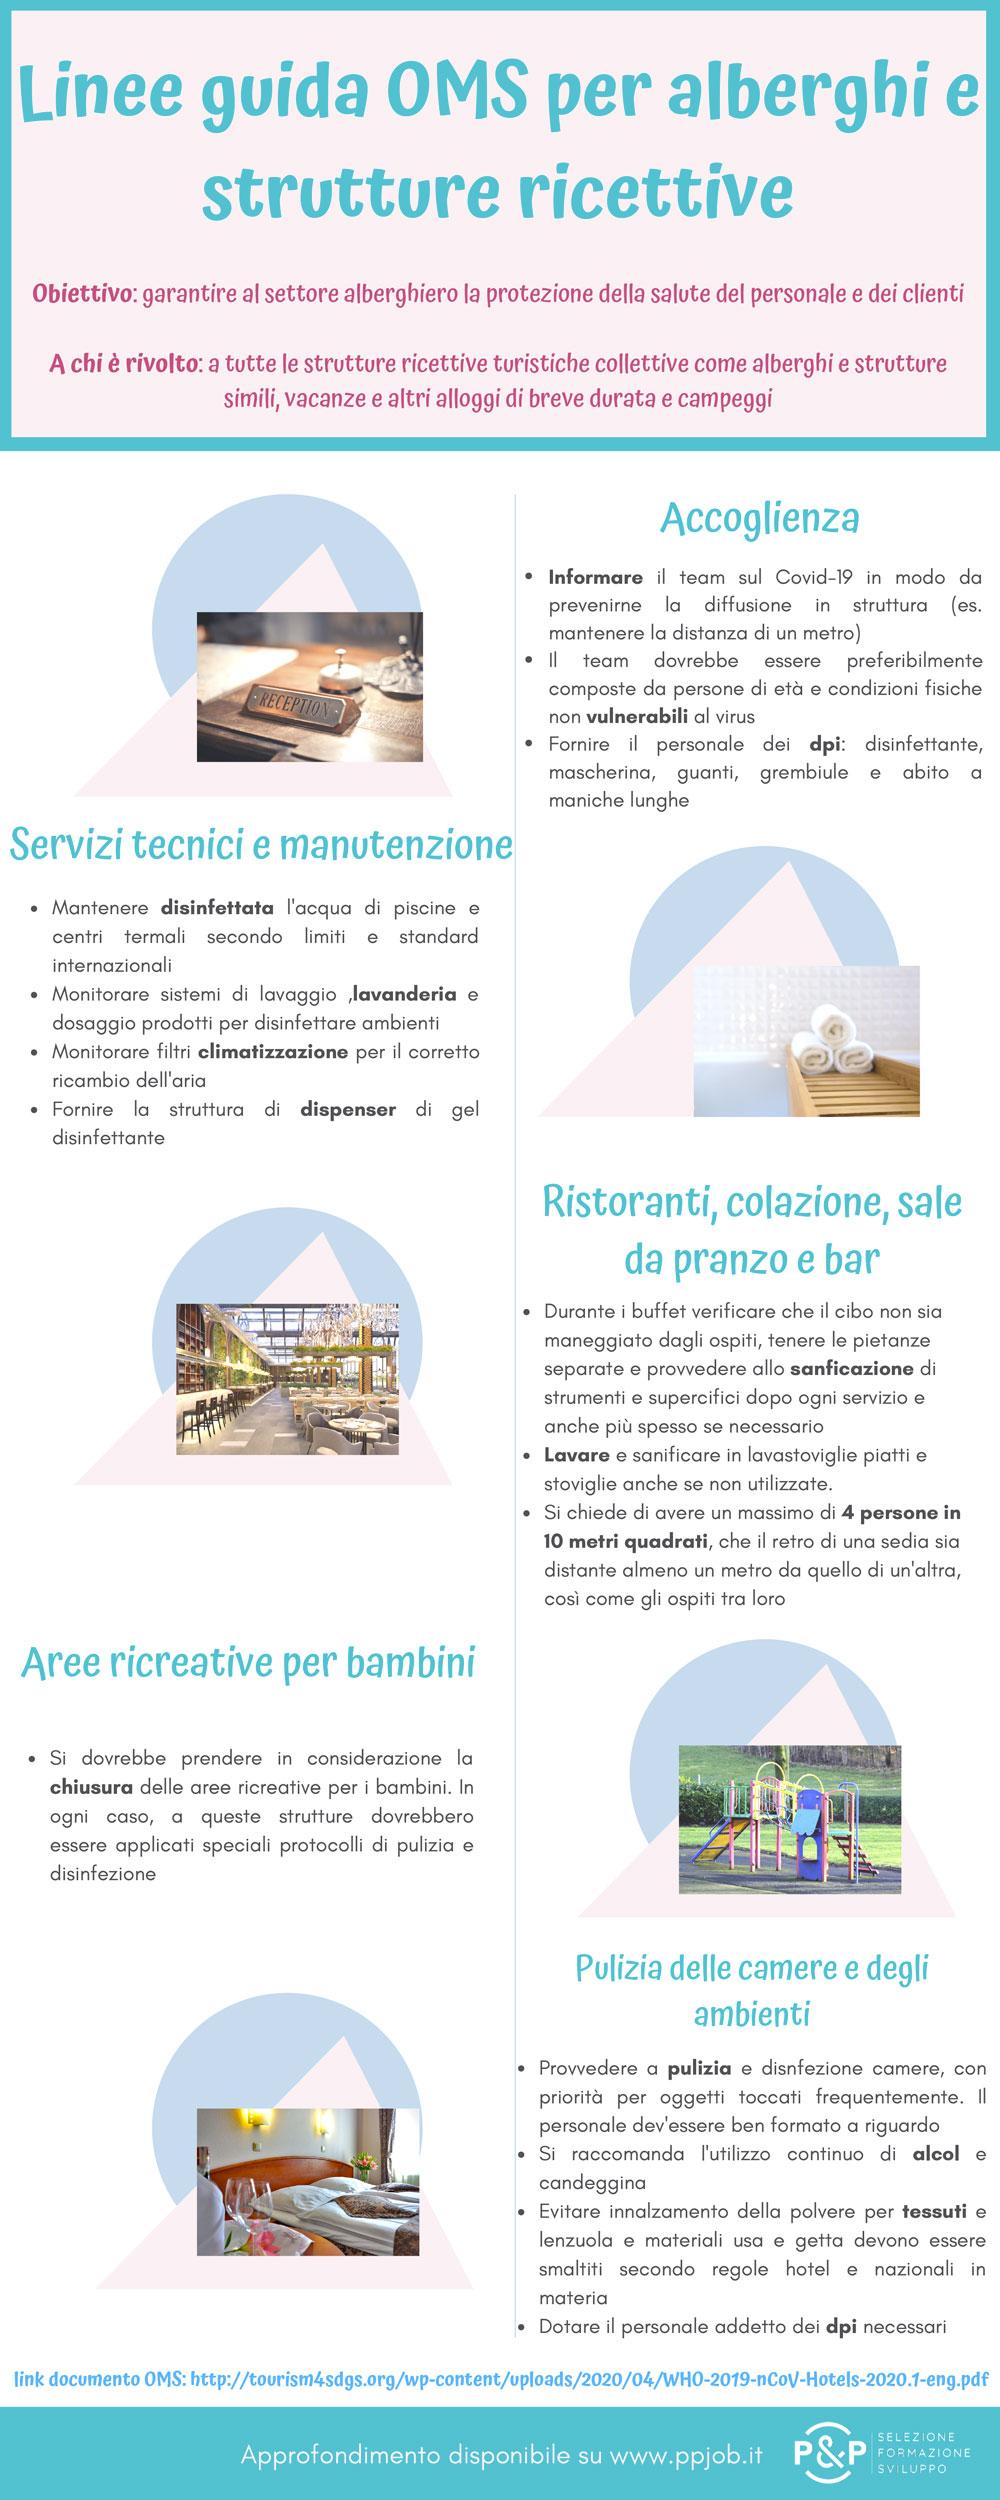 Infografica - Linee guida OMS per alberghi e strutture ricettive